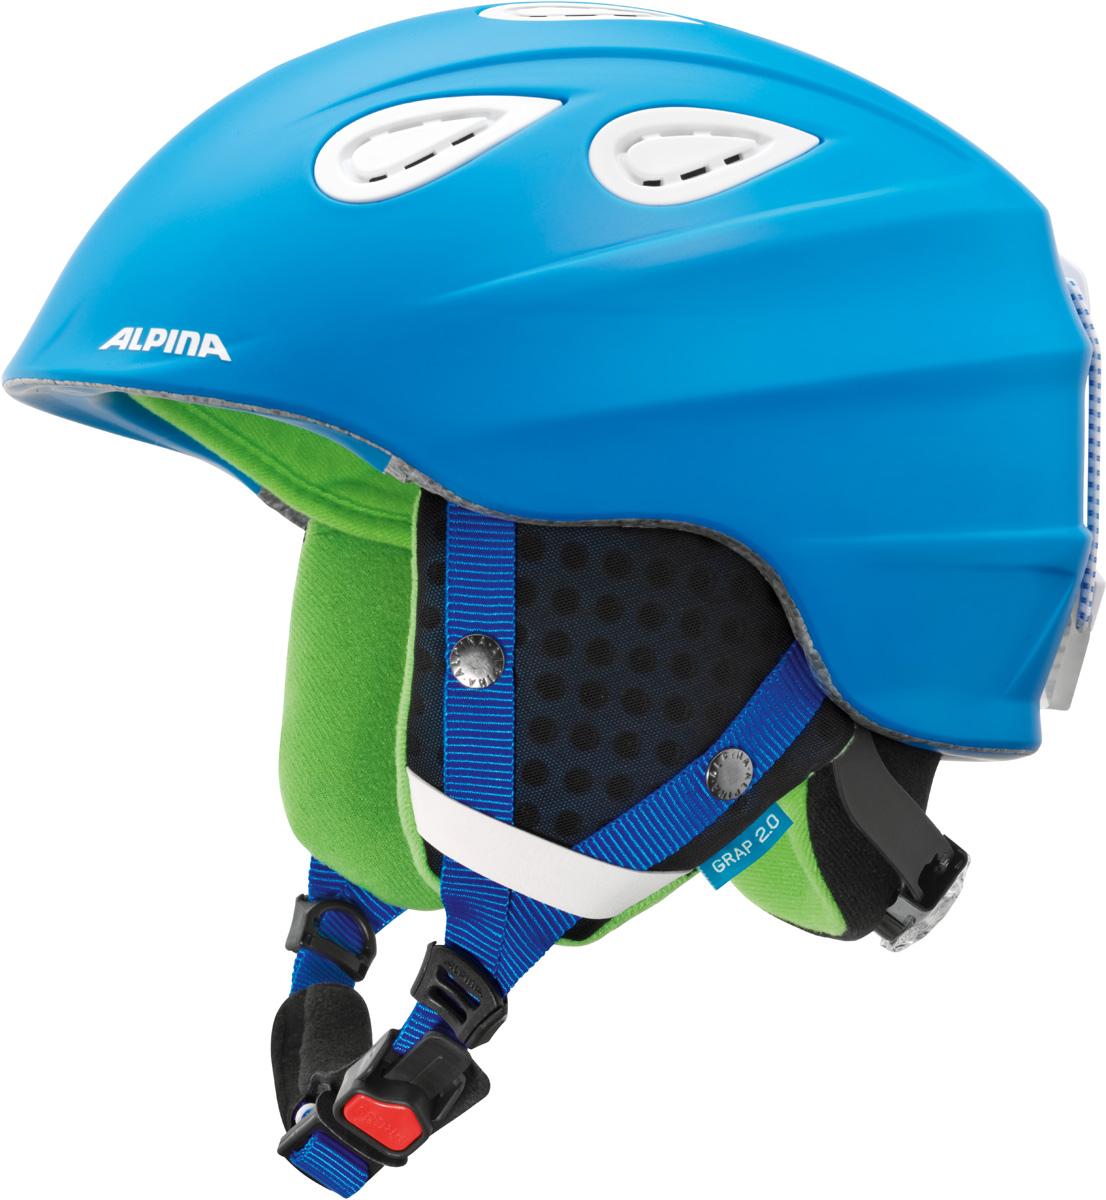 Шлем горнолыжный Alpina Grap 2.0, цвет: синий. A9085_83. Размер 54-57A9085_83Во всем мире популярность горнолыжного шлема Grap лишь набирает обороты. Alpina представляет обновленную версию самой продаваемой модели. Шлем Grap 2.0 сохранил отличительные особенности предыдущей модели и приобрел новые, за которые его выбирают райдеры по всему миру. Универсальность, легкость и прочность сделали его обязательным элементом экипировки любителей горнолыжного спорта. Модель также представлена в детской линейке шлемов. Технологии: Конструкция In-Mold - соединение внутреннего слоя из EPS (вспененного полистирола) с внешним покрытием под большим давлением в условиях высокой температуры. В результате внешняя поликарбонатная оболочка сохраняет форму конструкции, предотвращая поломку и попадание осколков внутрь шлема, а внутренний слой Hi-EPS, состоящий из множества наполненных воздухом гранул, амортизирует ударную волну, защищая голову райдера от повреждений. Внешнее покрытие Ceramic Shell обеспечивает повышенную ударопрочность и износостойкость, а также обладает защитой от УФ-излучений, препятствующей выгоранию на солнце, и антистатичными свойствами. Съемный внутренний тканевый слой. Подкладку можно постирать и легко вставить обратно. Своевременный уход за внутренником предотвращает появление неприятного запаха. Вентиляционная система с раздвижным механизмом с возможностью регулировки интенсивности потока воздуха. Классическая система регулировки в шлемах Alpina Run System с регулировочным кольцом на затылке позволяет быстро и легко подобрать оптимальную и комфортную плотность посадки на голове. Съемные ушки согревают в холодную погоду, а в теплую компактно хранятся в кармане куртки. Шейный воротник из микрофлиса в задней части шлема быстро согревает и не давит на шею. Ремешок фиксируется кнопкой с запирающим механизмом. Застежка максимально удобна для использования в перчатках. Система Edge Protect в конструкции шлема защищает голову горнолыжника при боковом ударе. Система Y-Cli